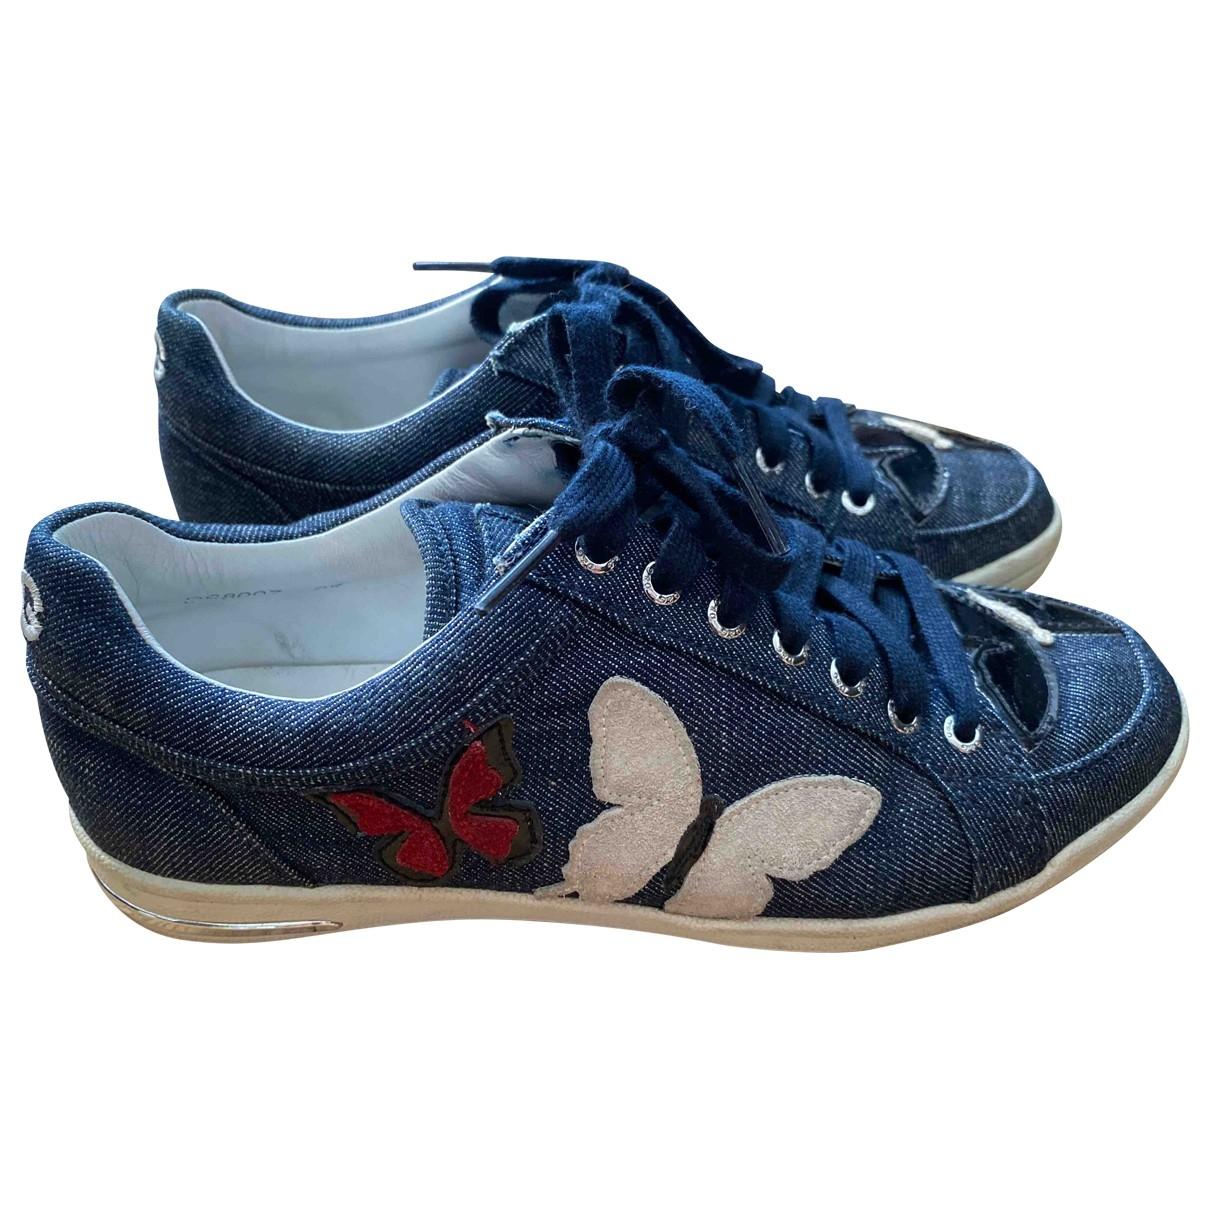 D&g \N Sneakers in  Blau Leinen